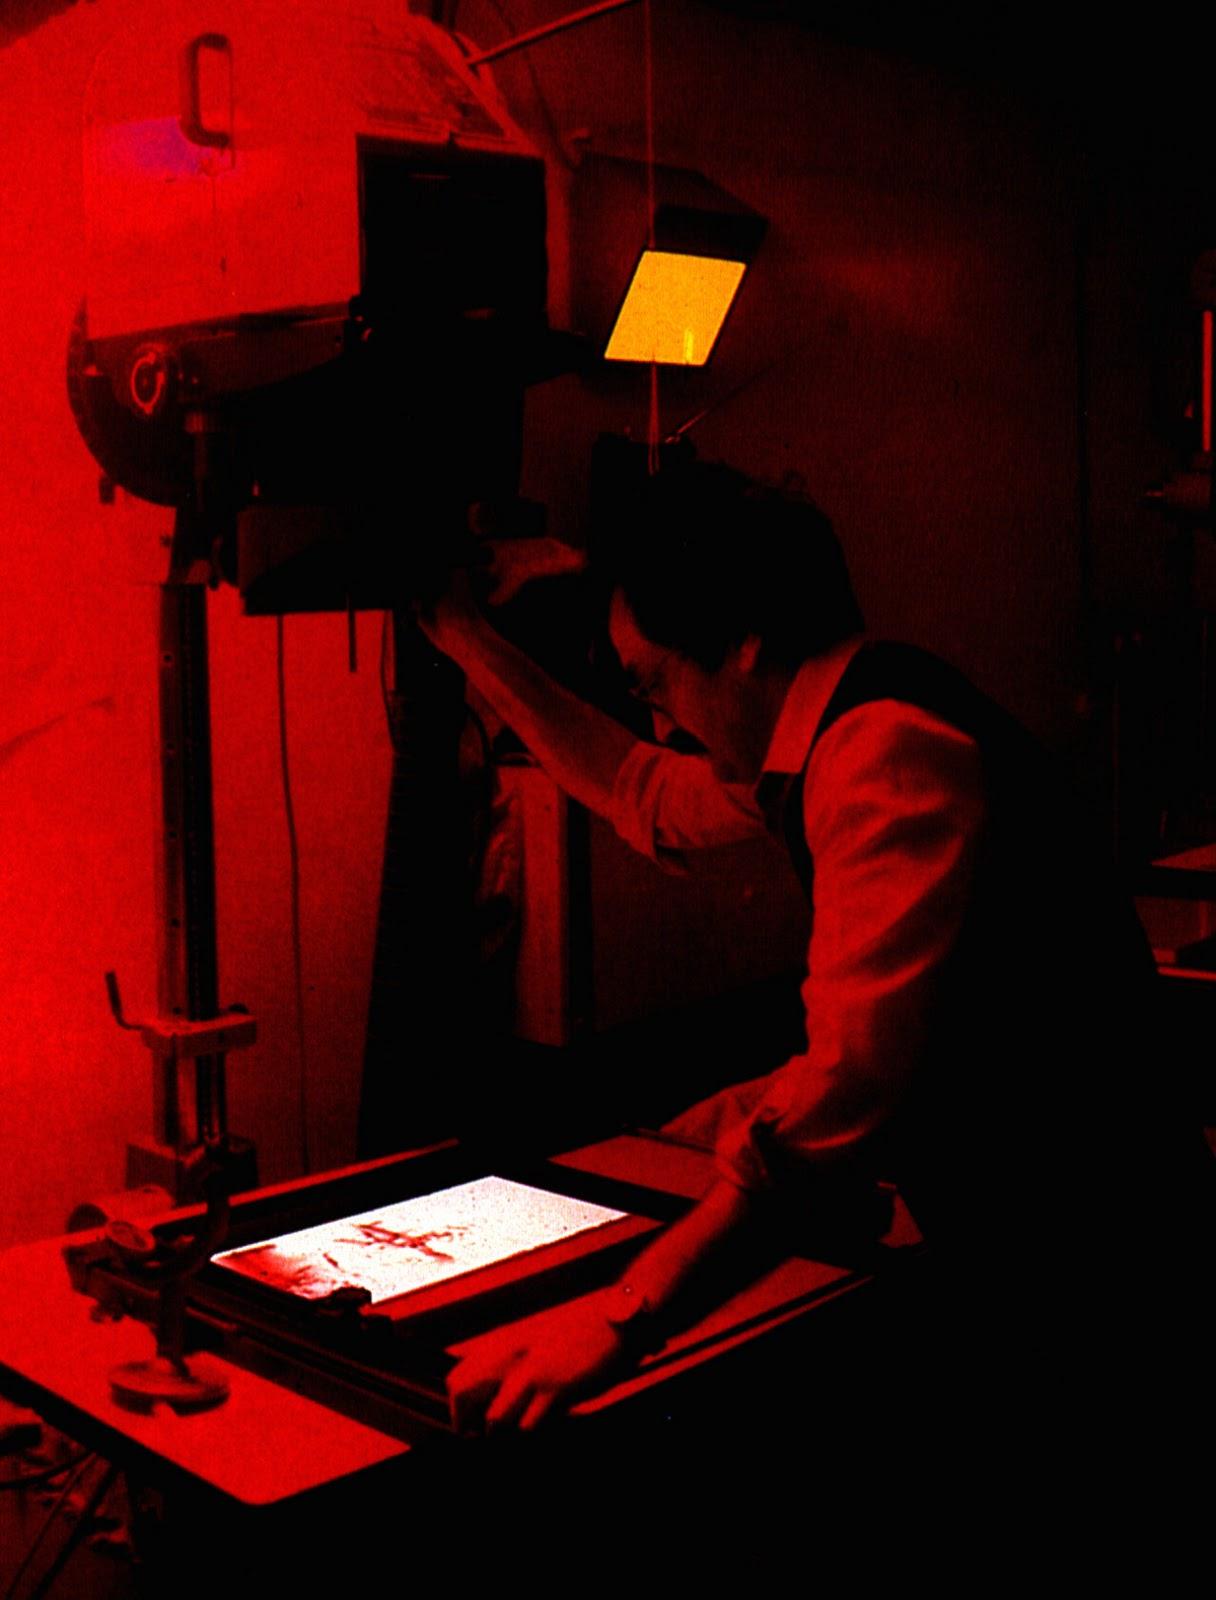 Cuarto Oscuro Fotografia | Cuarto Oscuro Laboratorio Quimico Revelado Fotografias